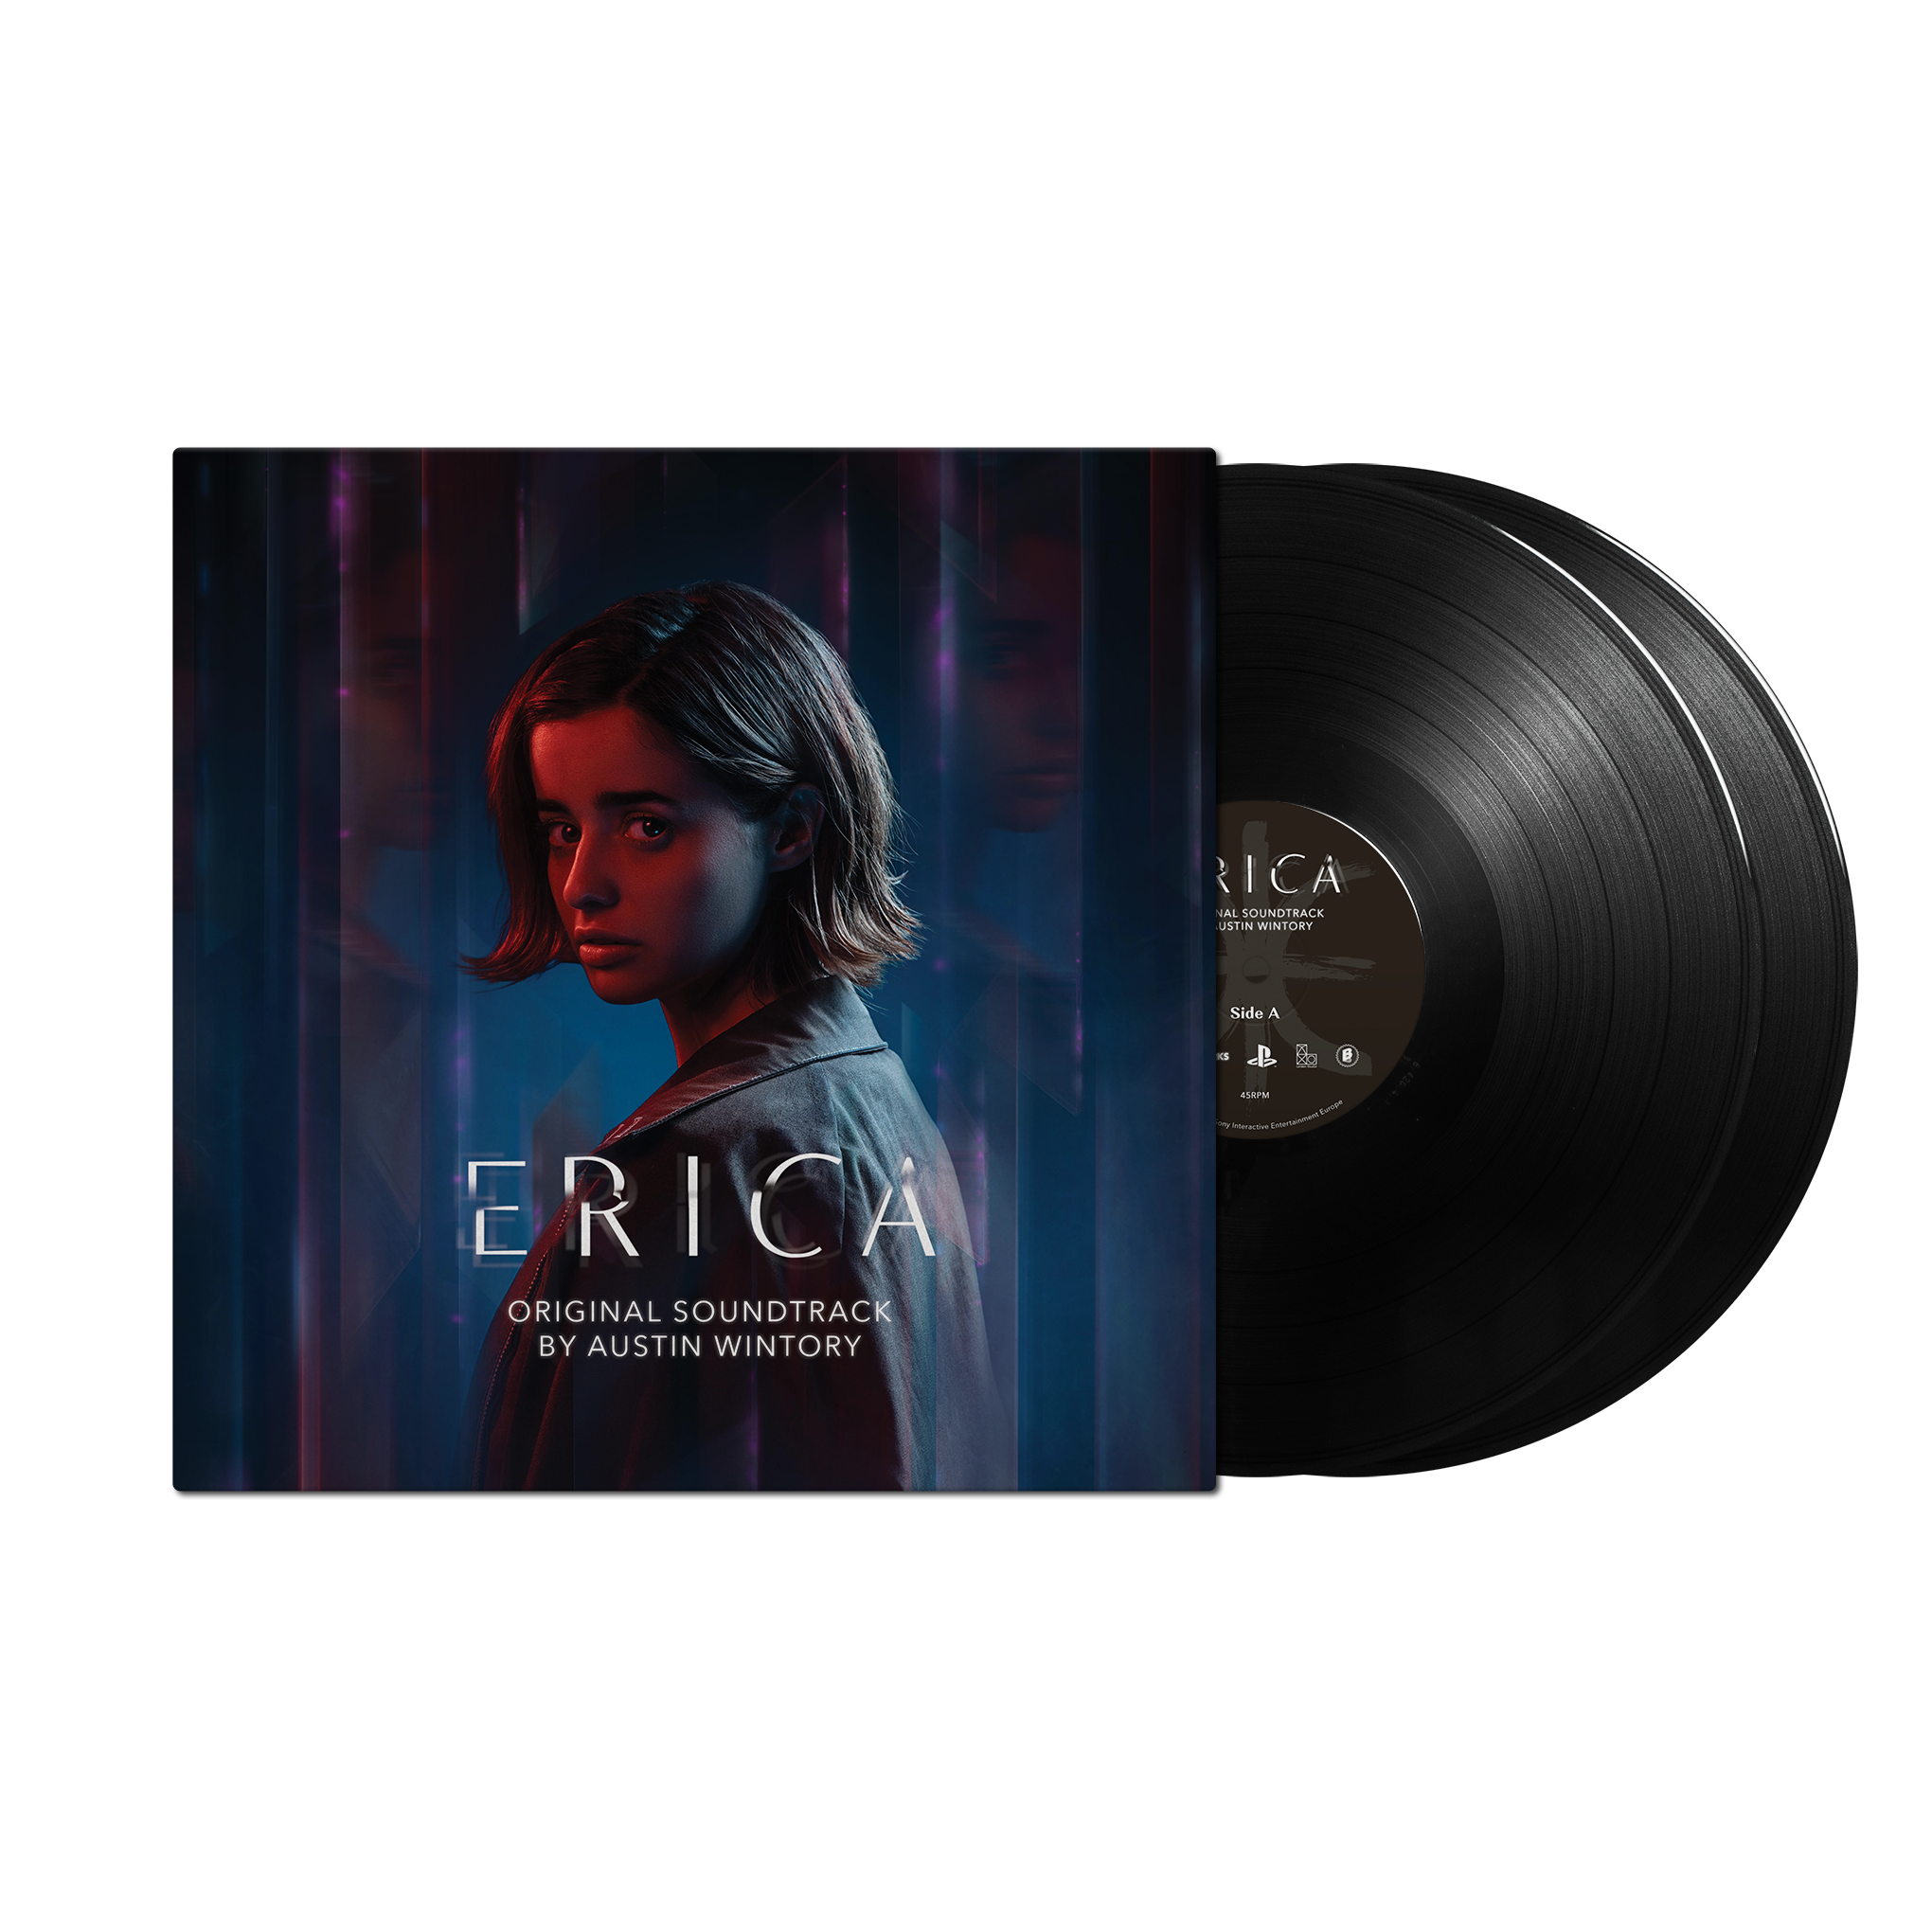 Erica: Original Soundtrack